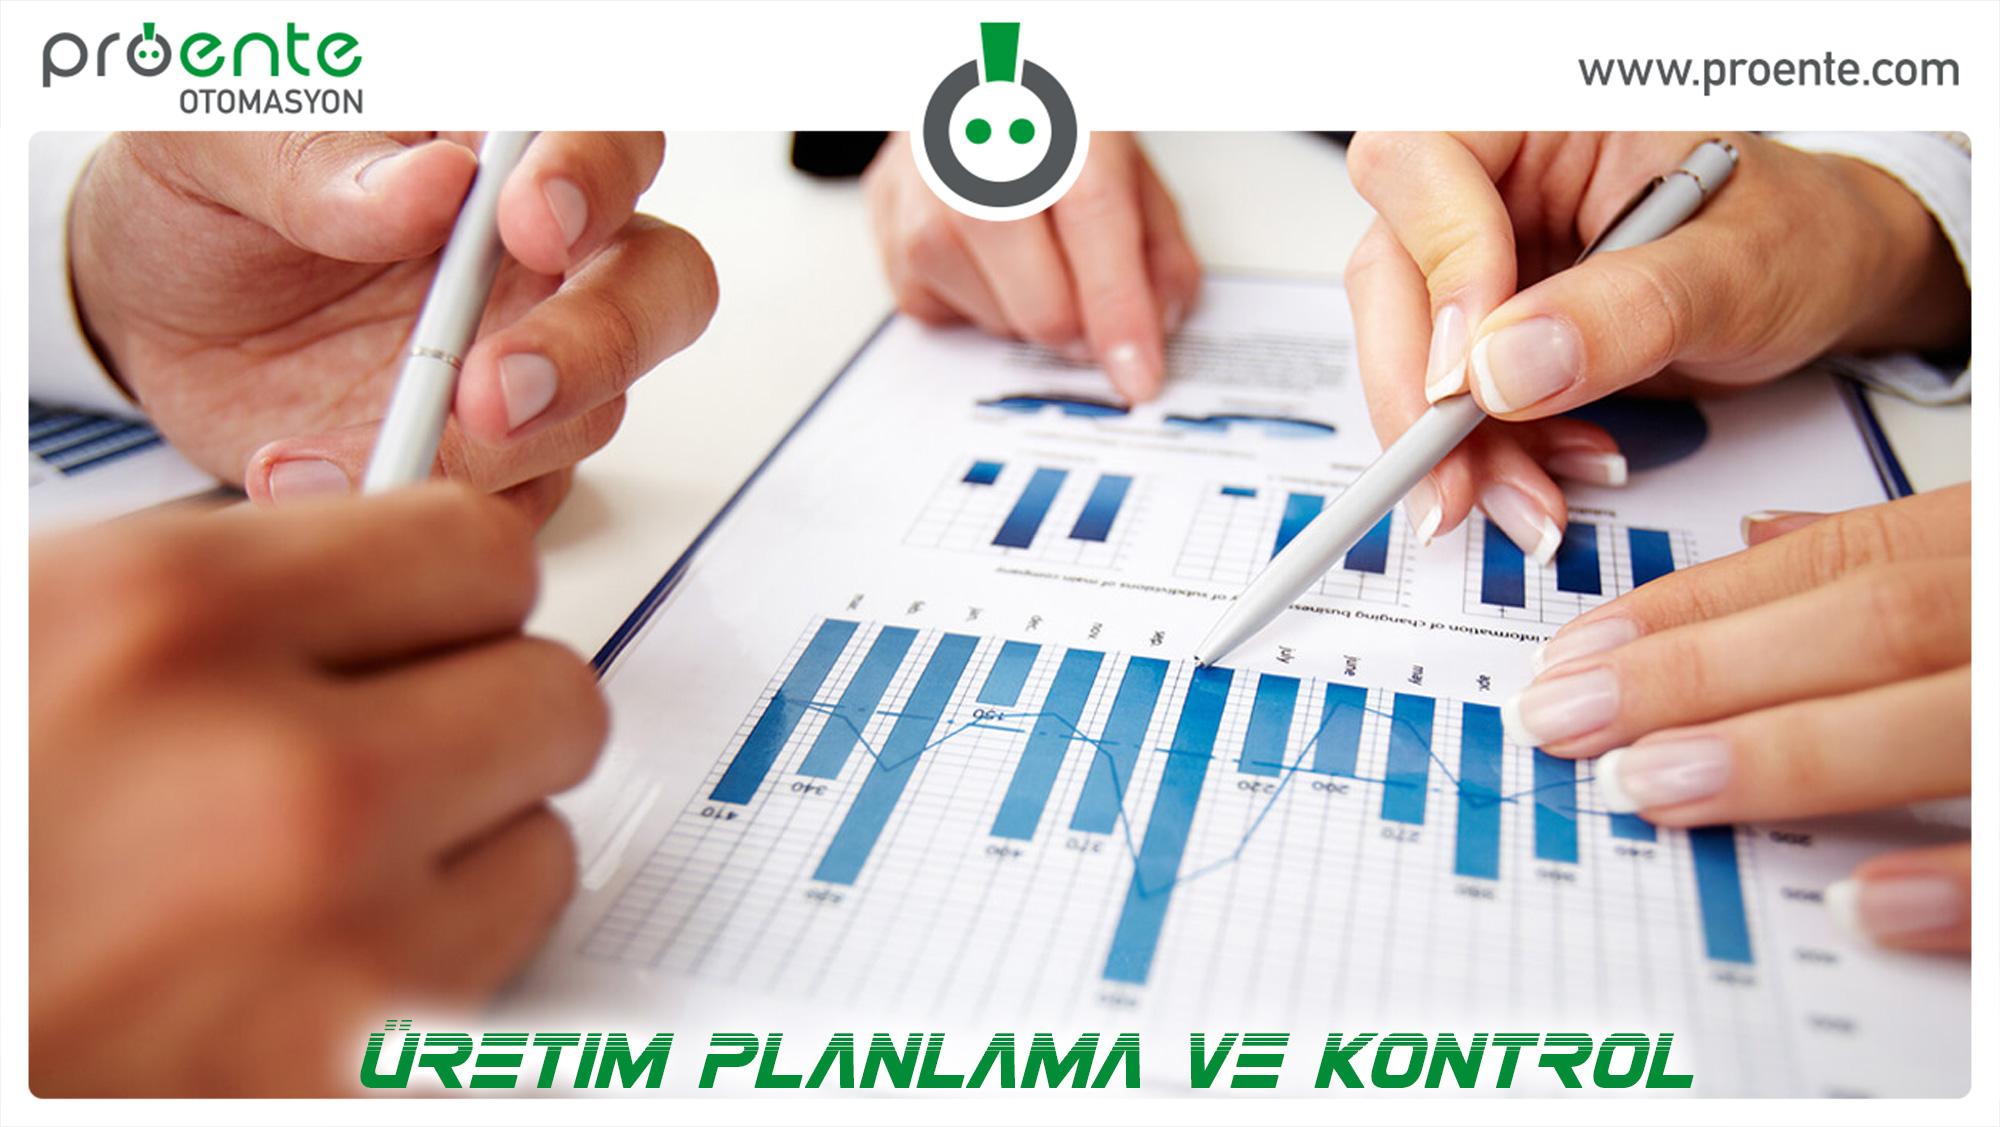 üretim planlaması, üretim planlanma, ppc,